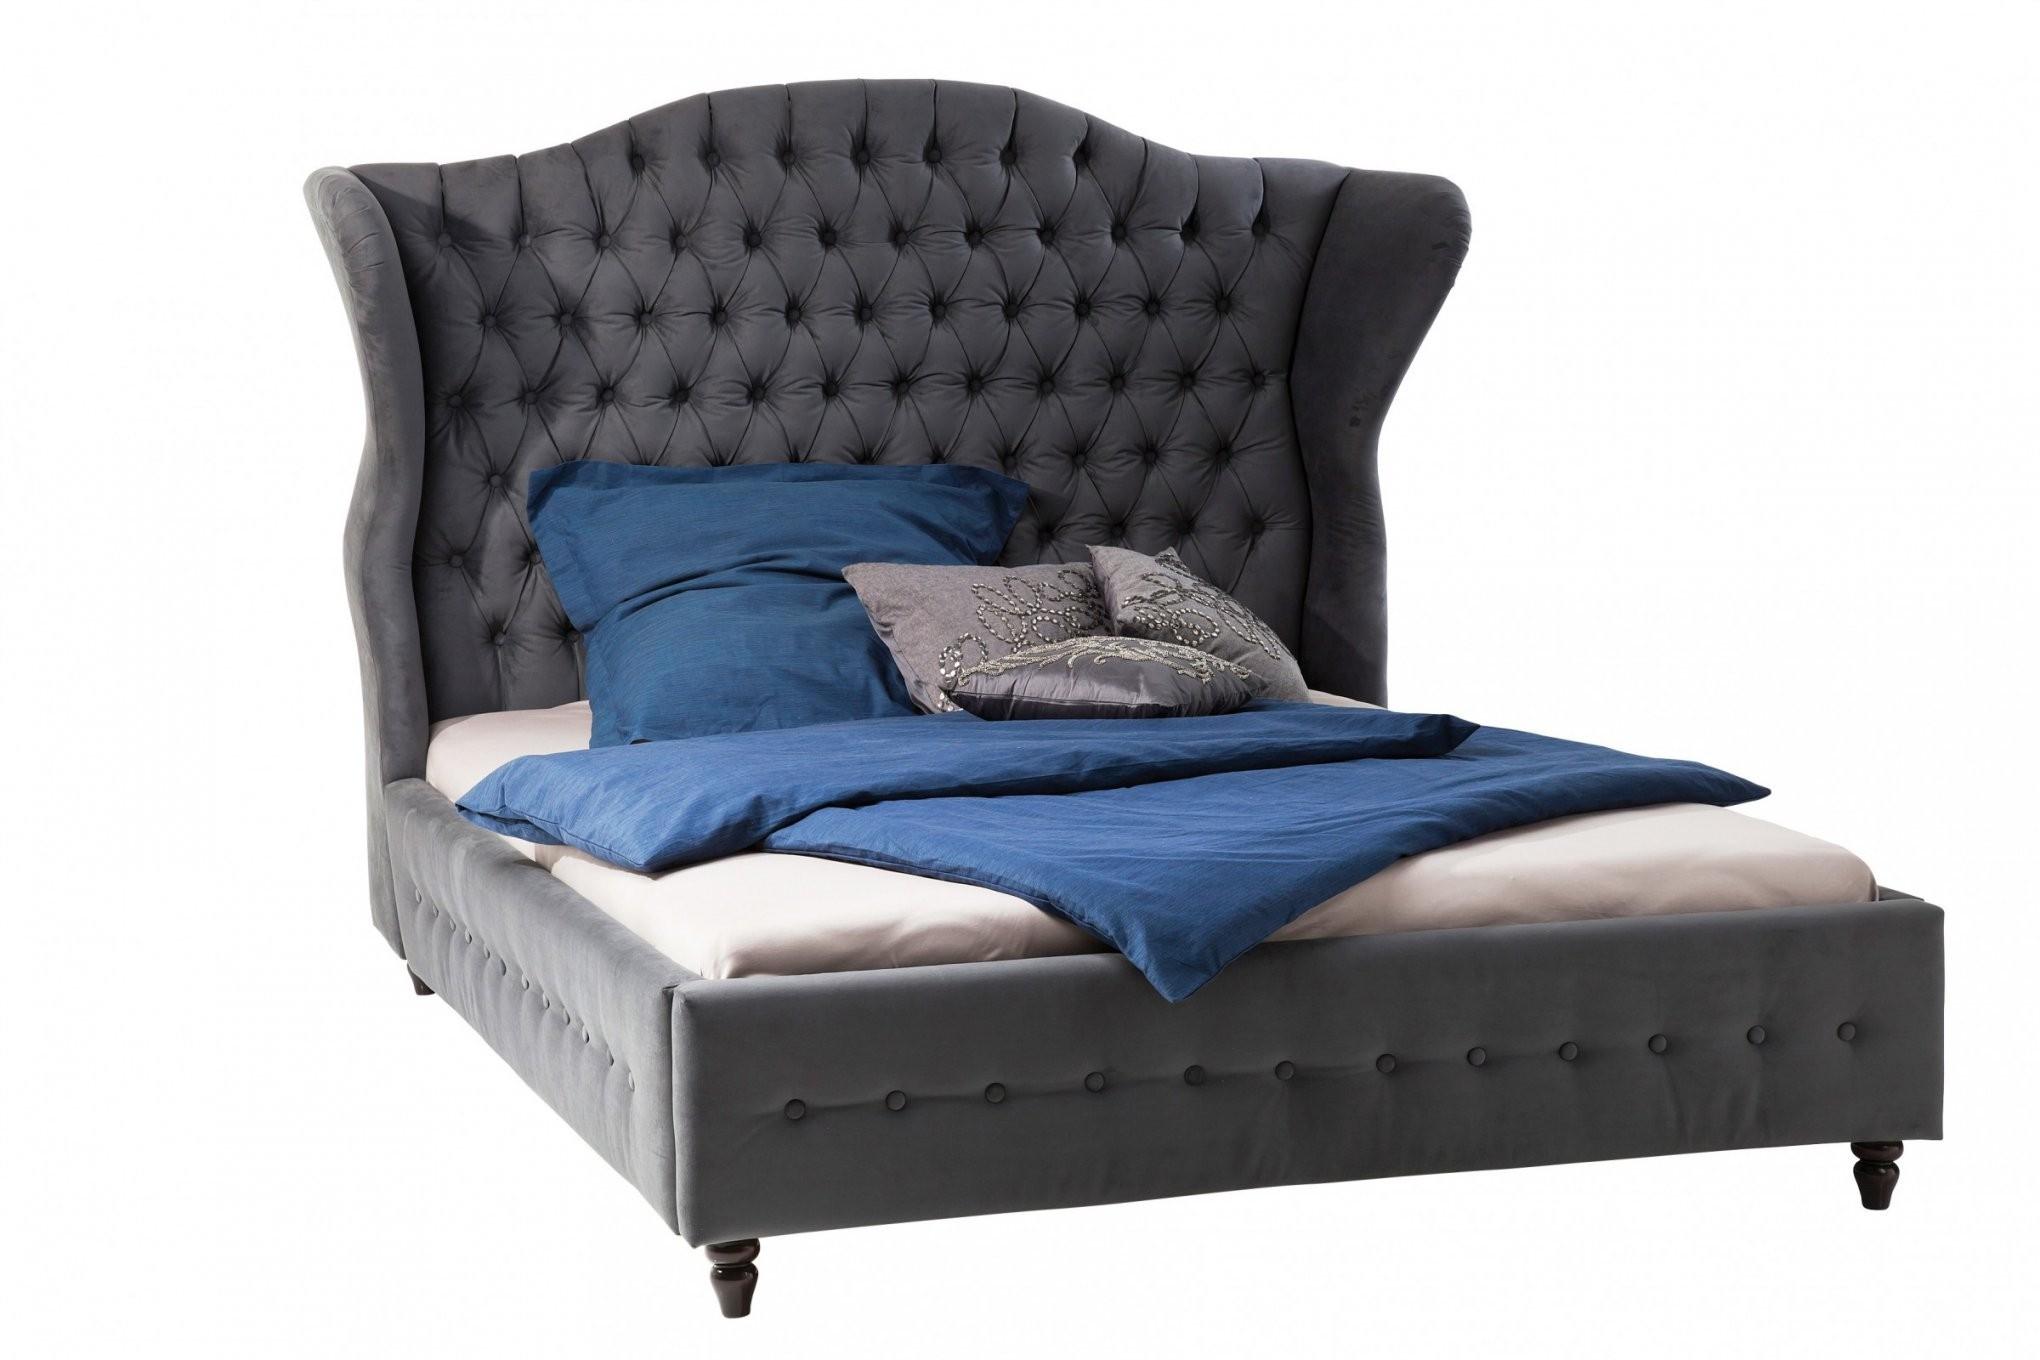 Bettgestelle 160X200 Schön Designer Betten Günstig Online Kaufen von Günstige Betten 160X200 Photo